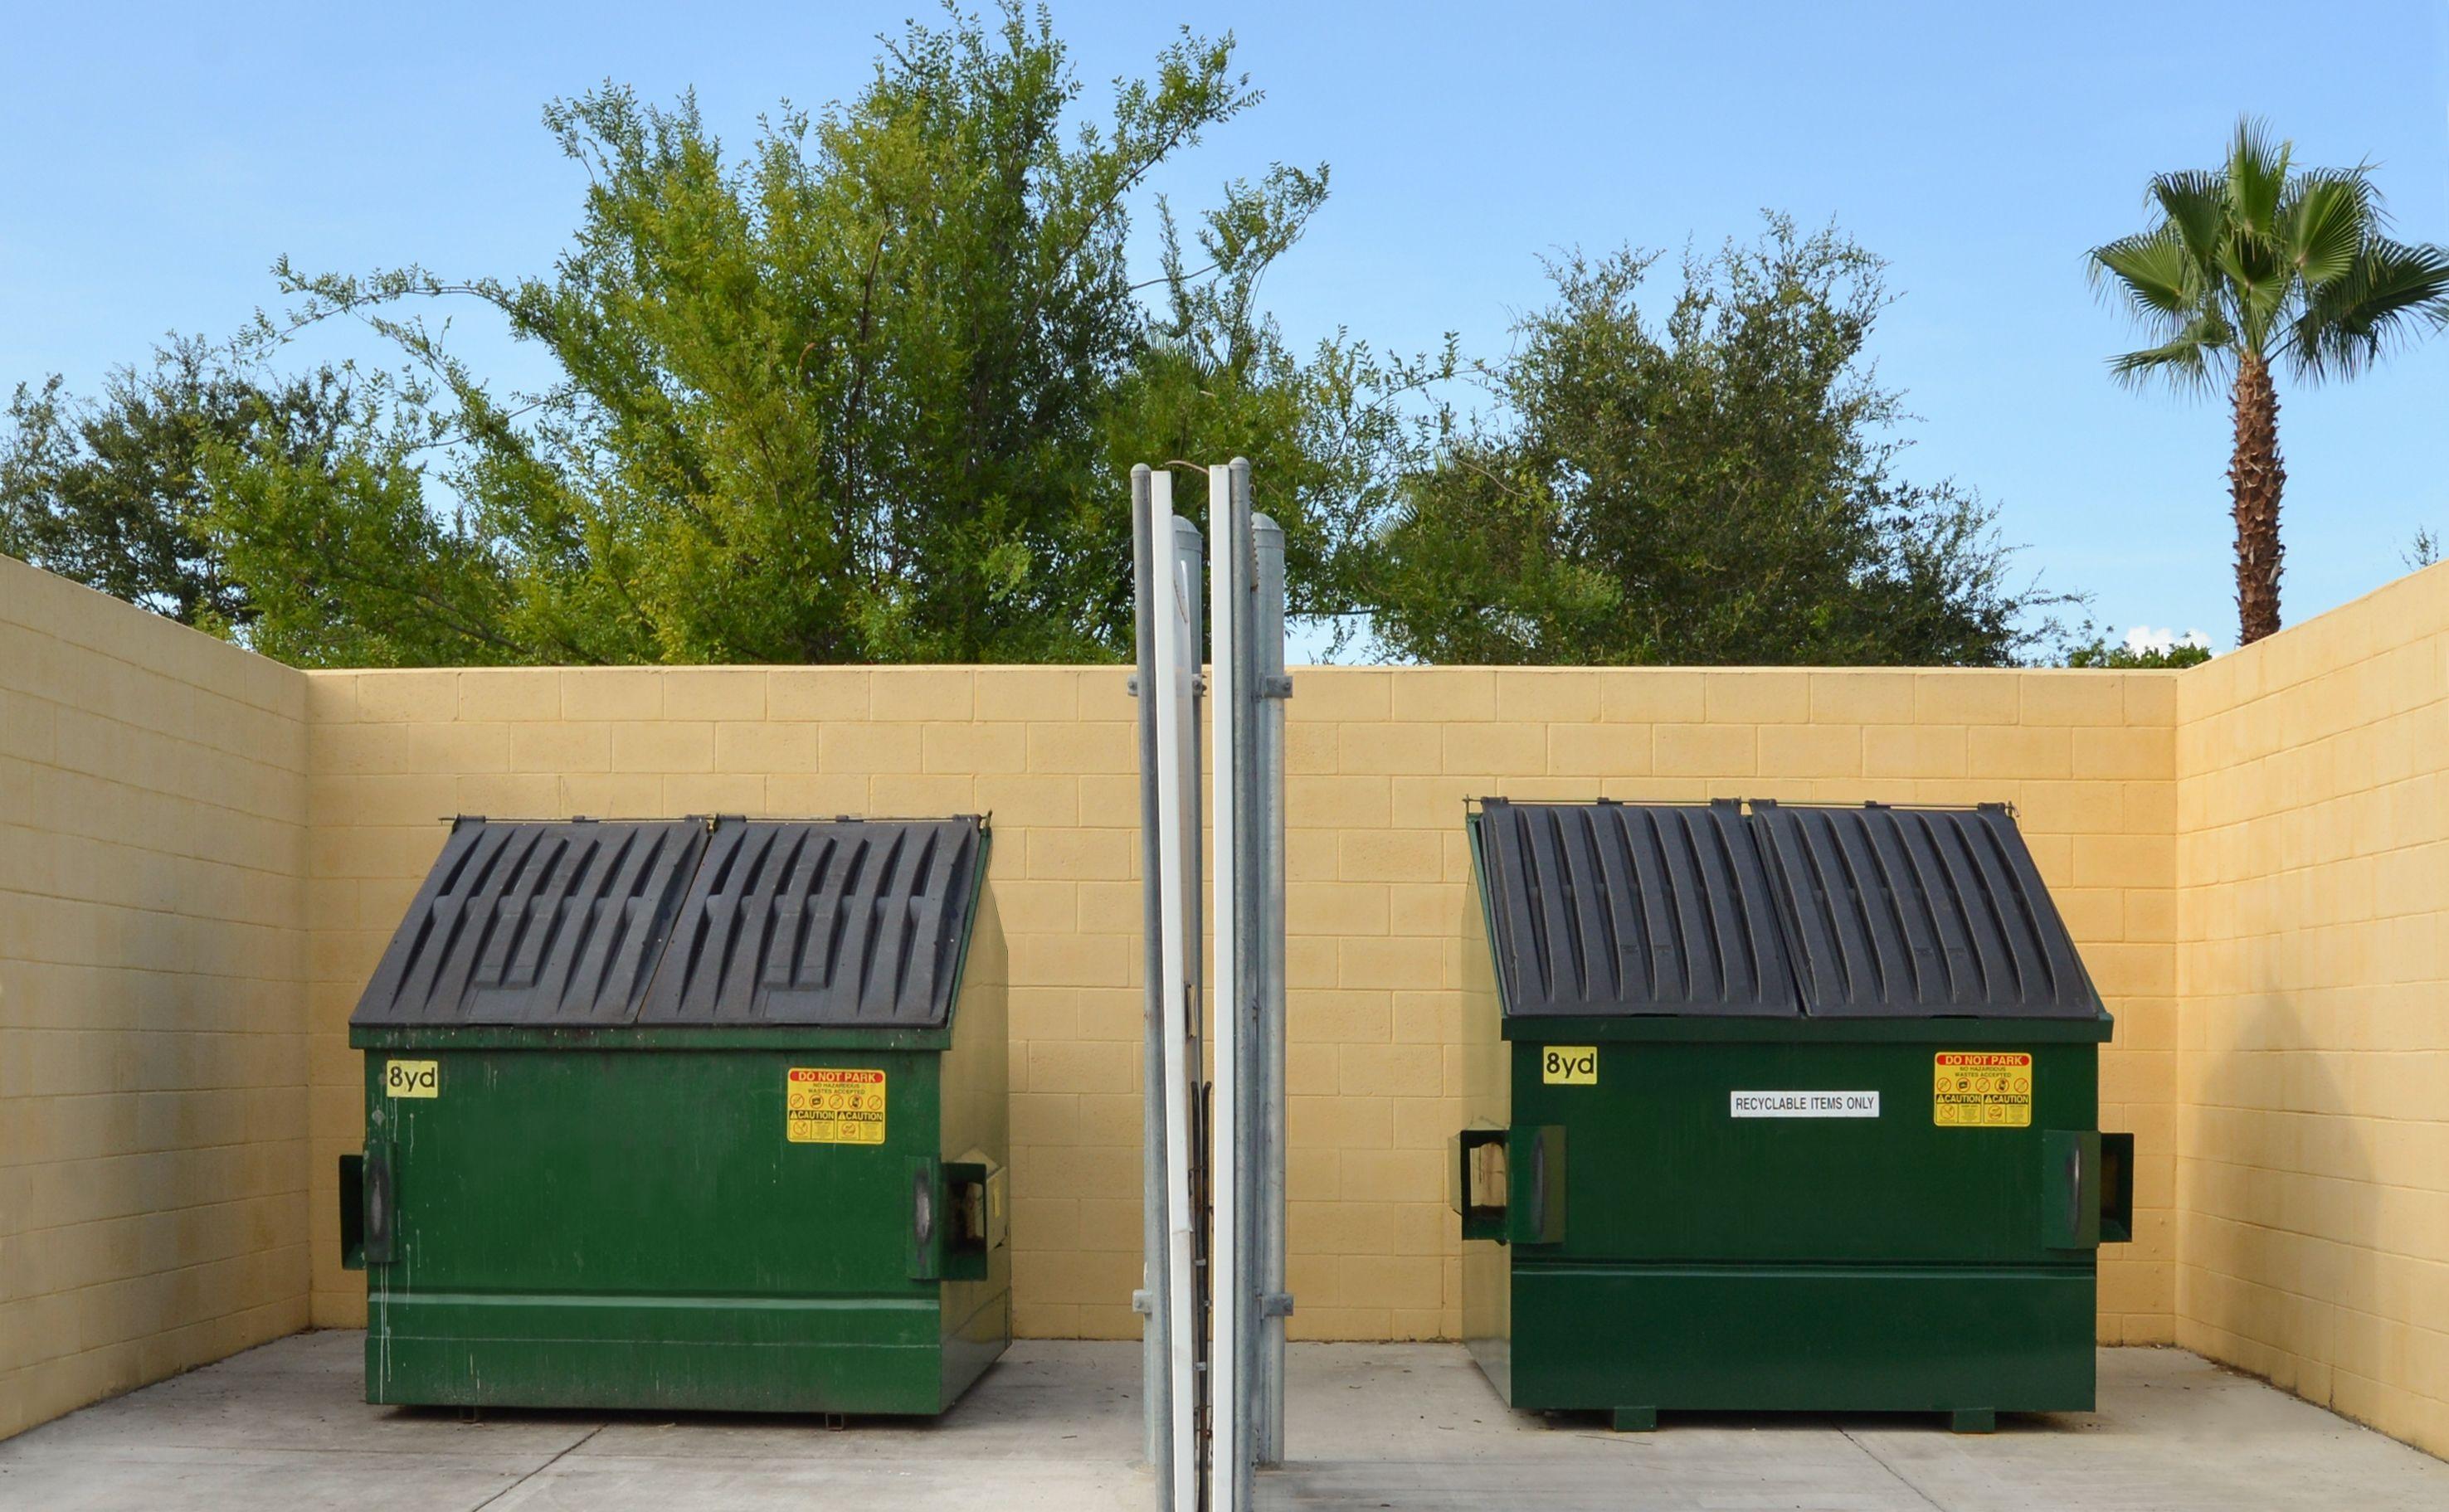 Sarasota FL Recycling Dumpster Rental Arwood Waste of